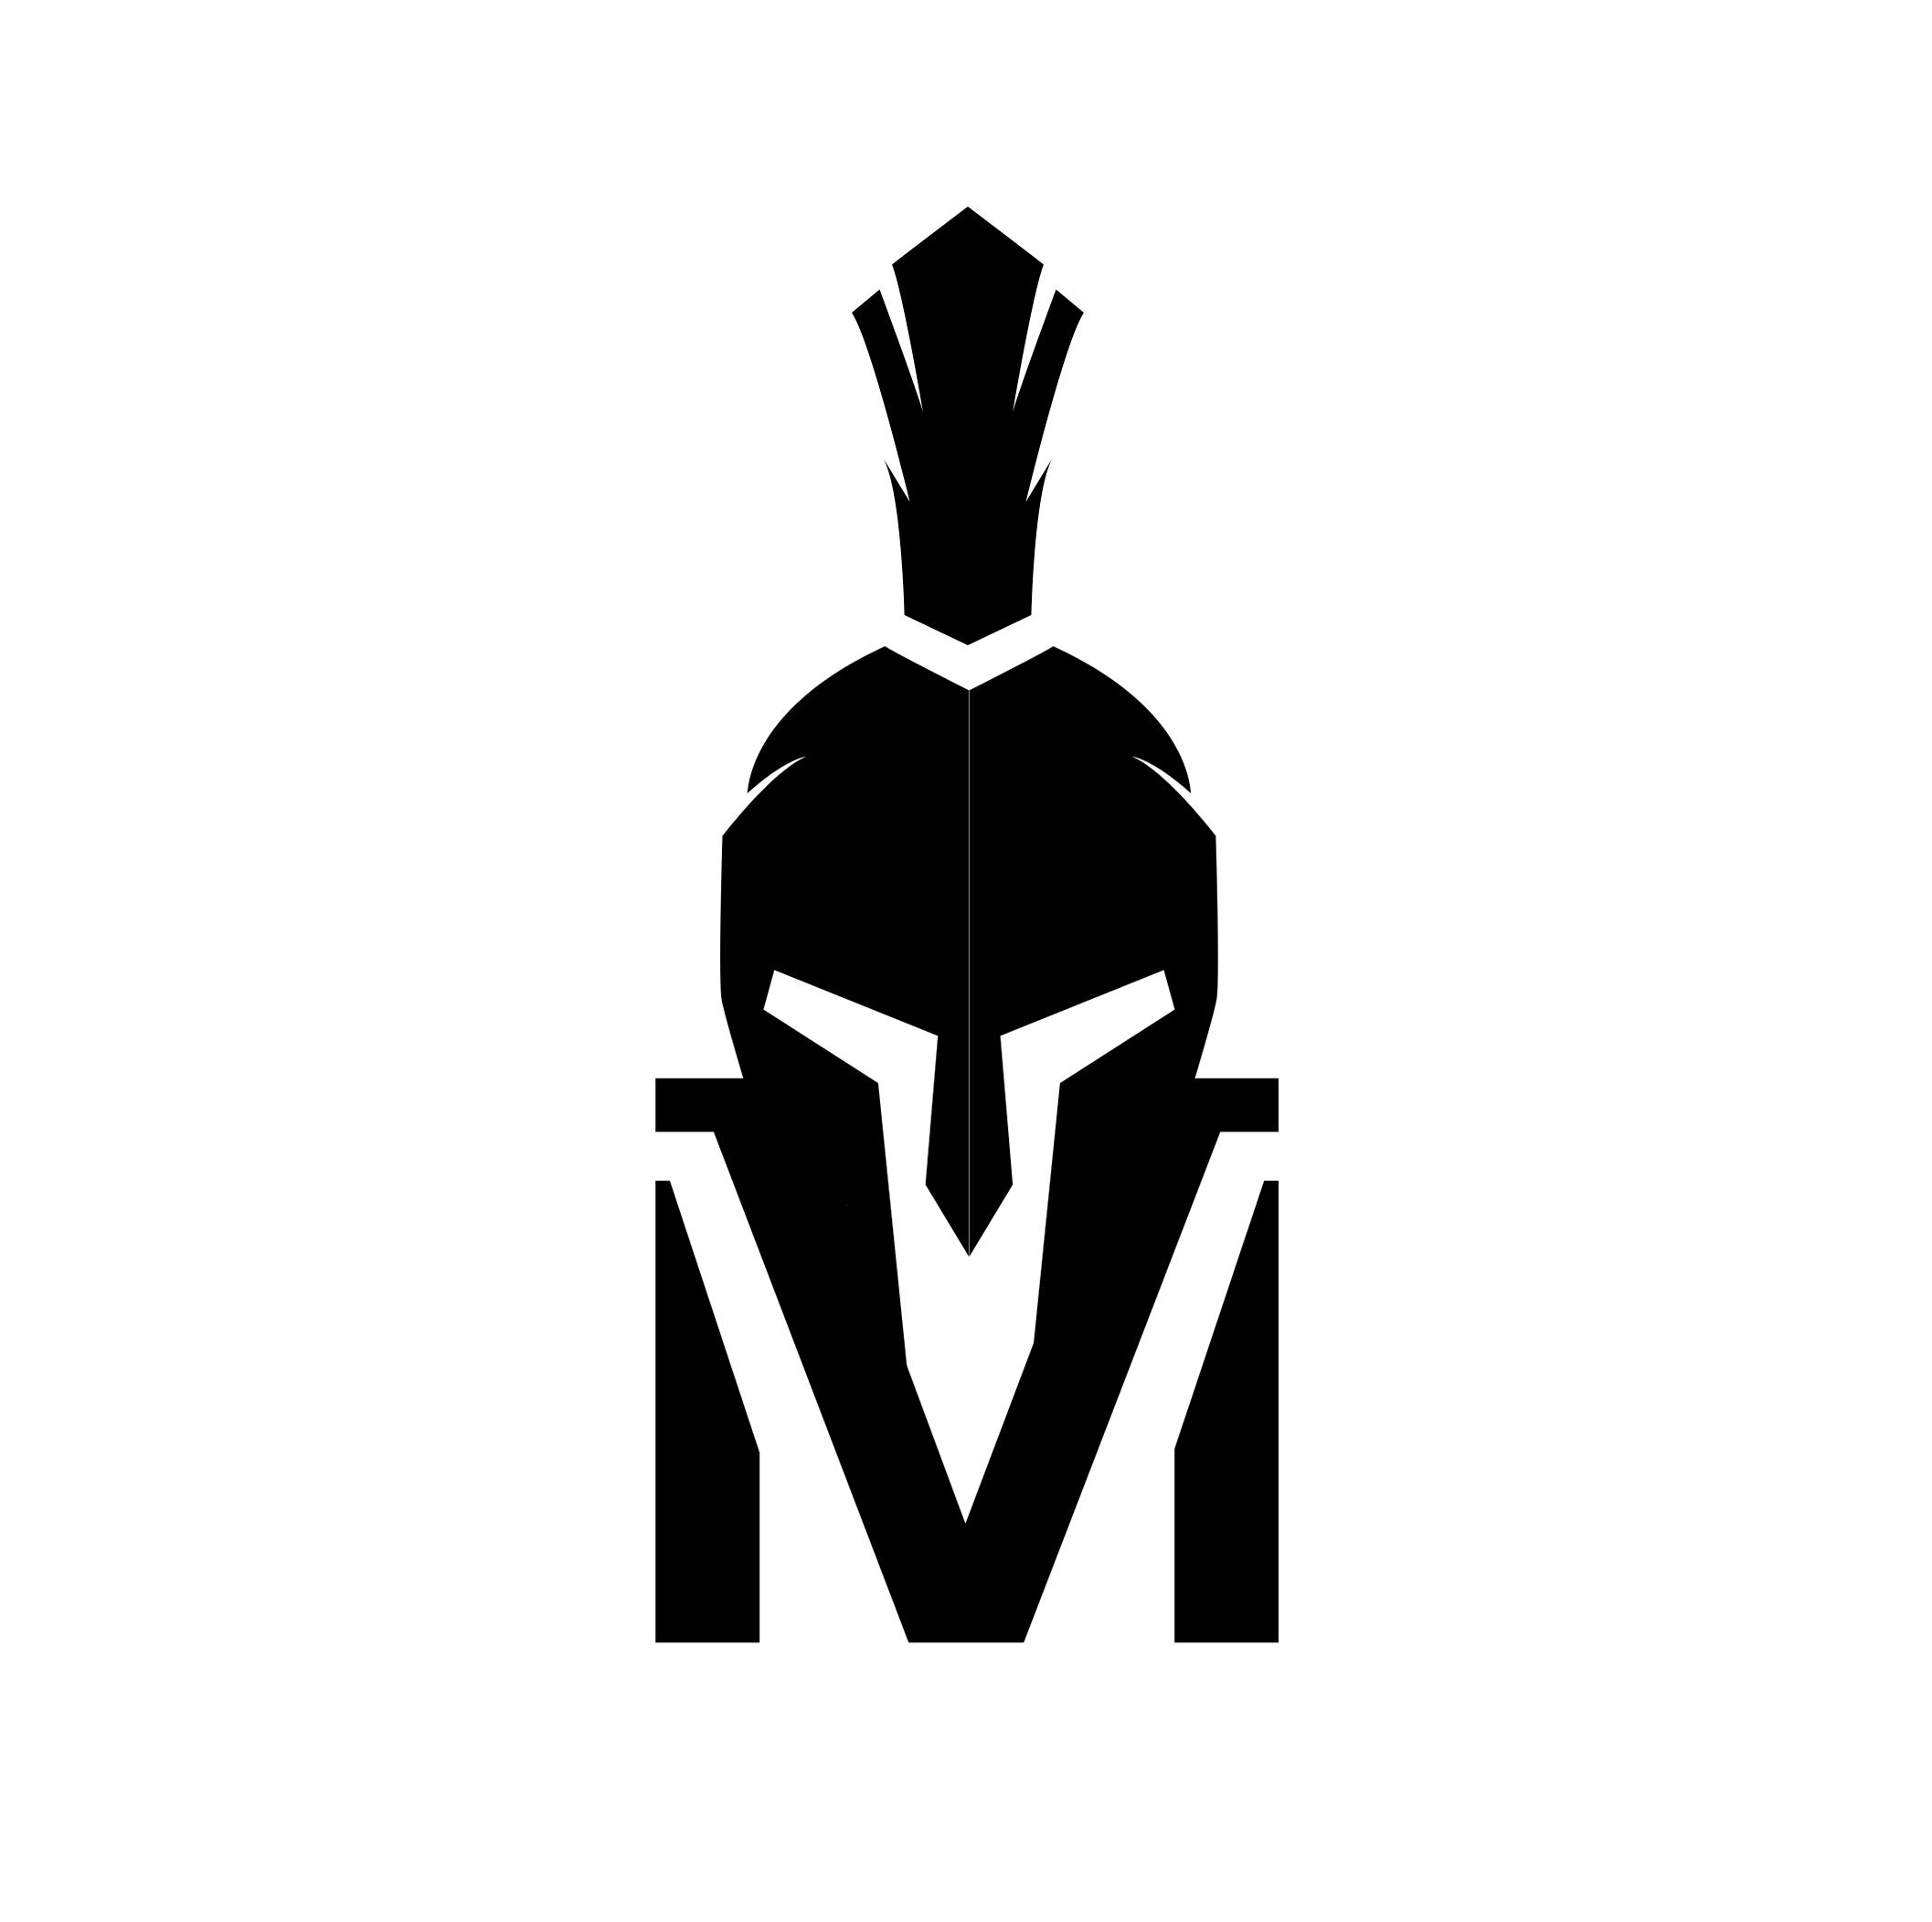 Создание фирменного стиля + логотип фото f_3785cfe2ceb7719a.png